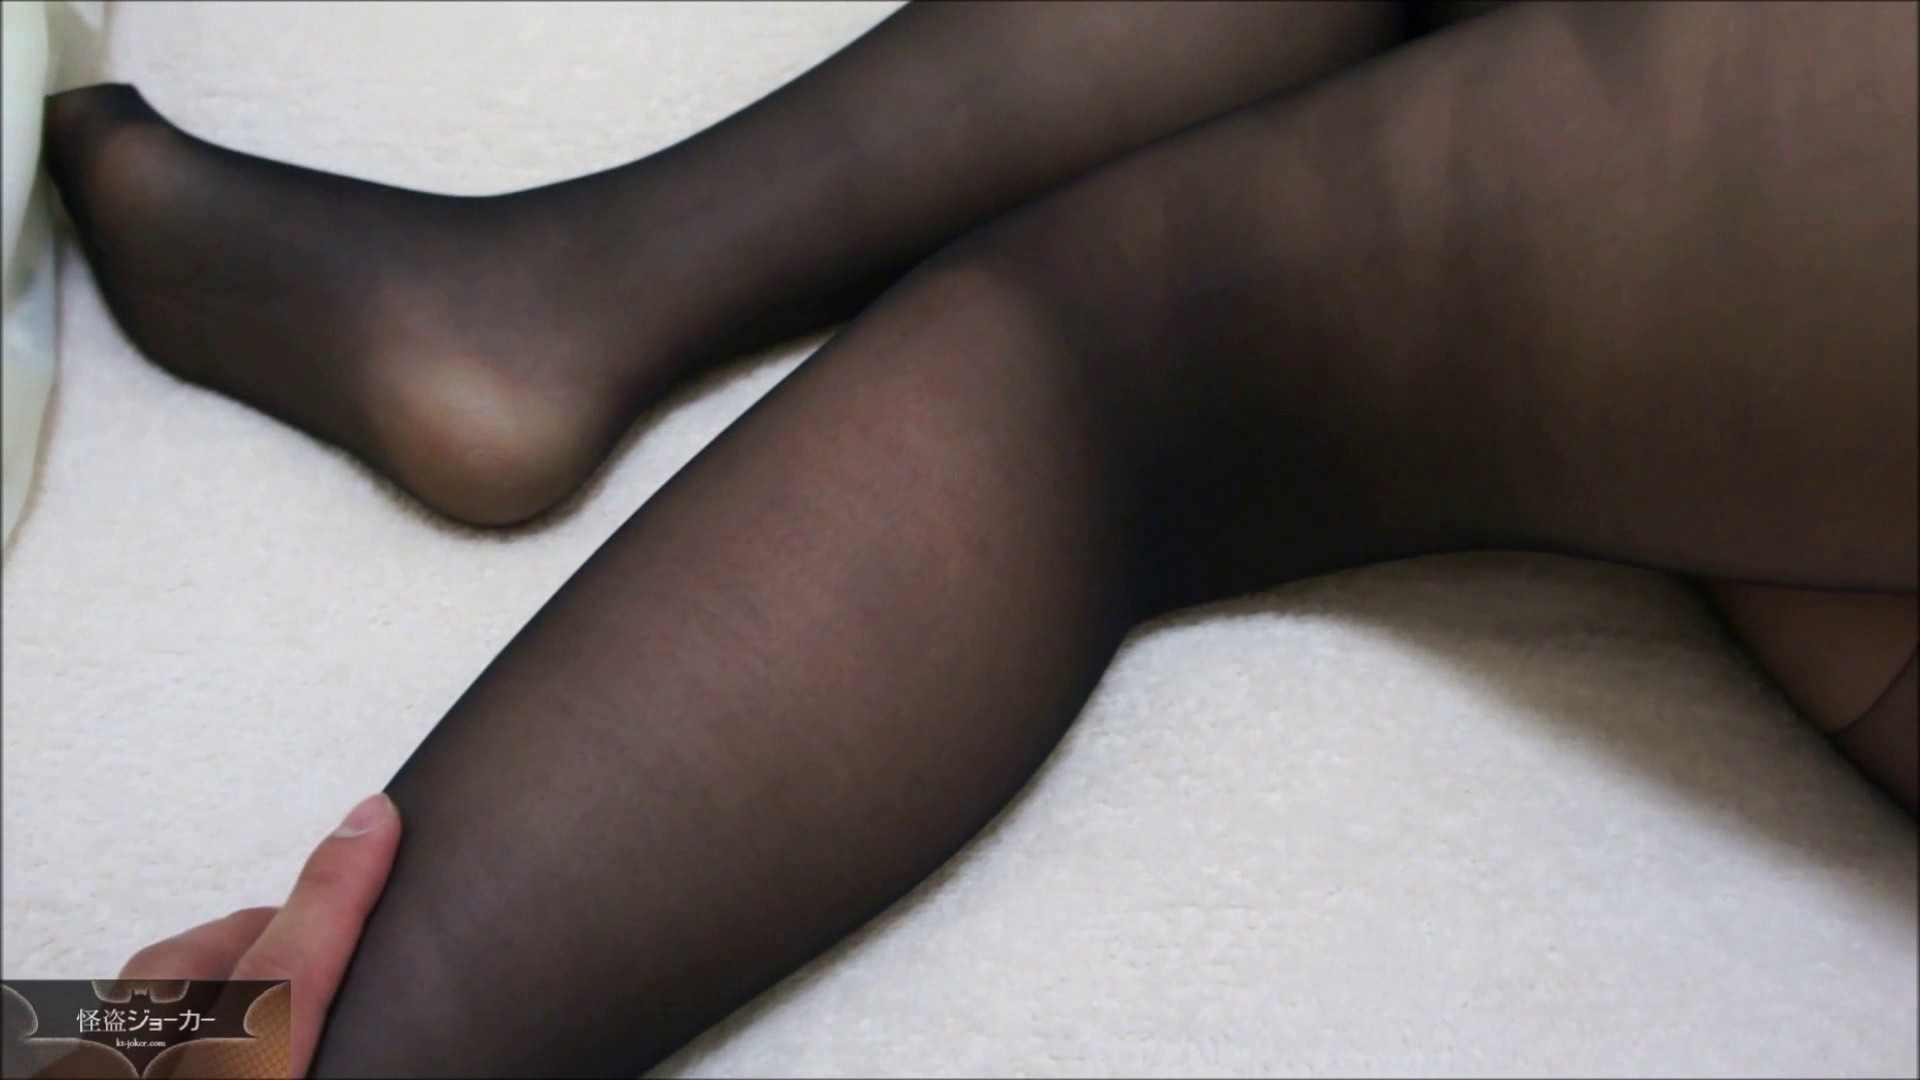 【未公開】vol.2 妻の友人、美里さん・・・晩酌の後、人妻の体を。 人妻の実態 すけべAV動画紹介 98pic 23